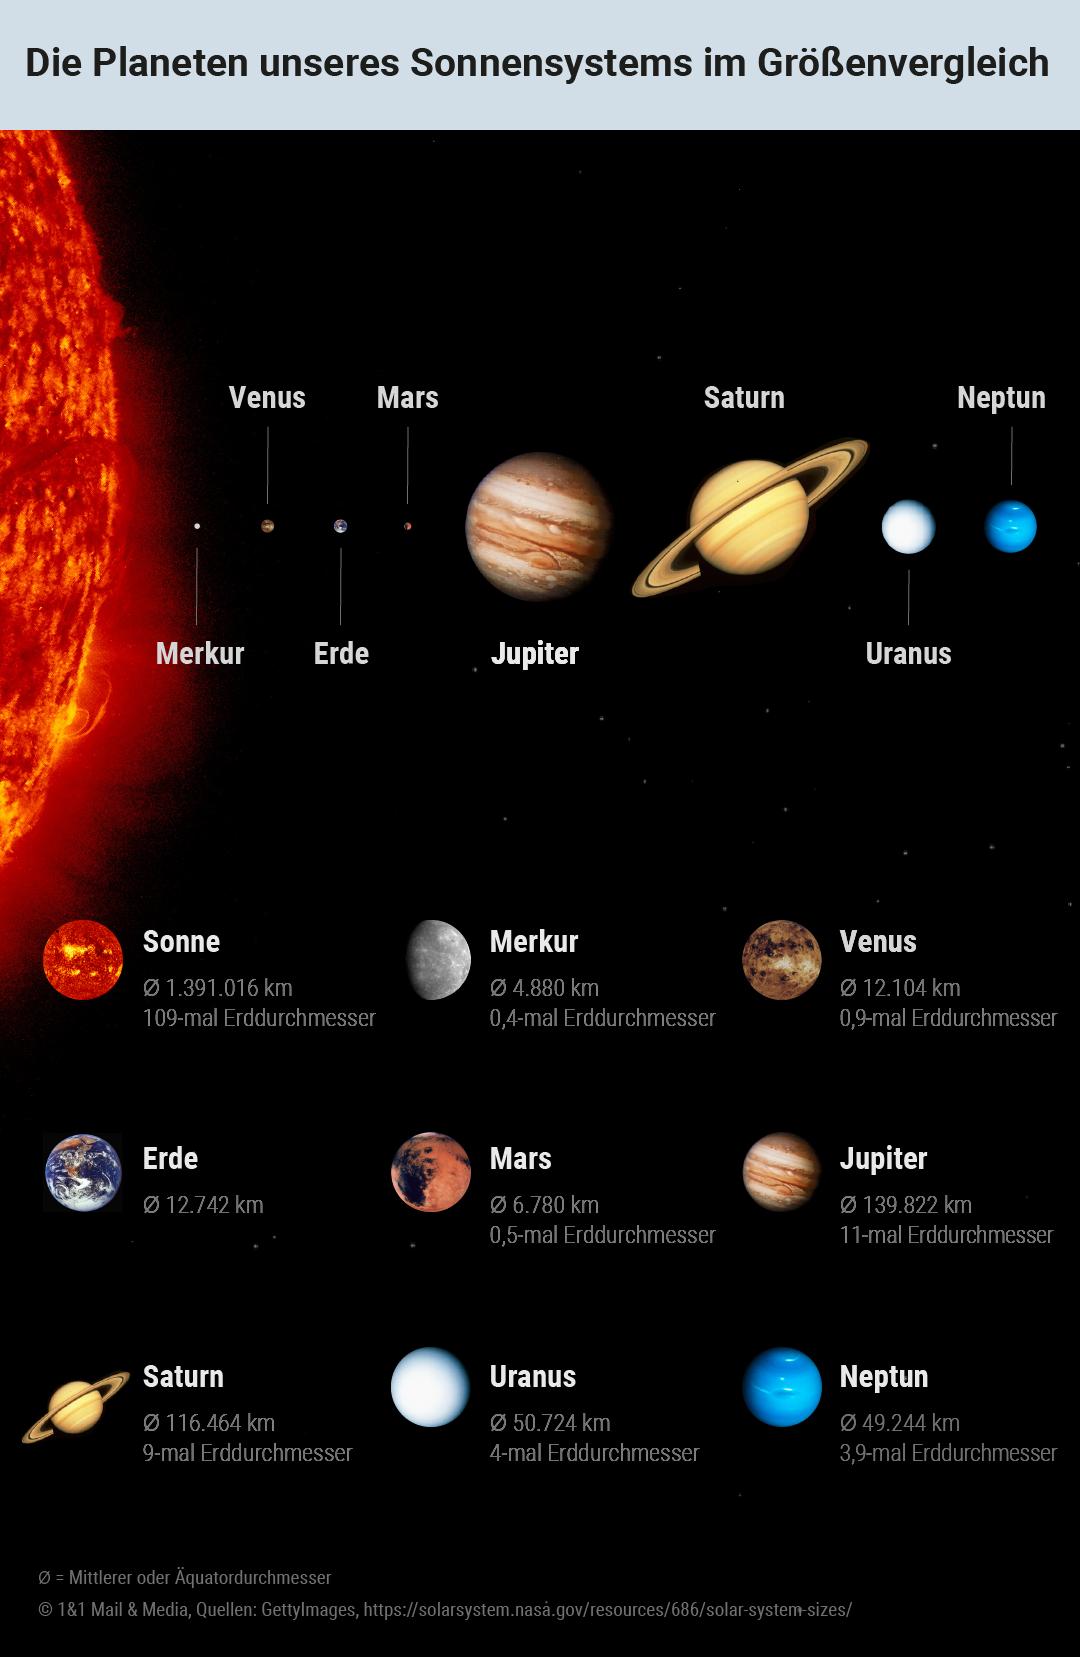 Bild zu Die Planeten unseres Sonnensystems im Größenvergleich